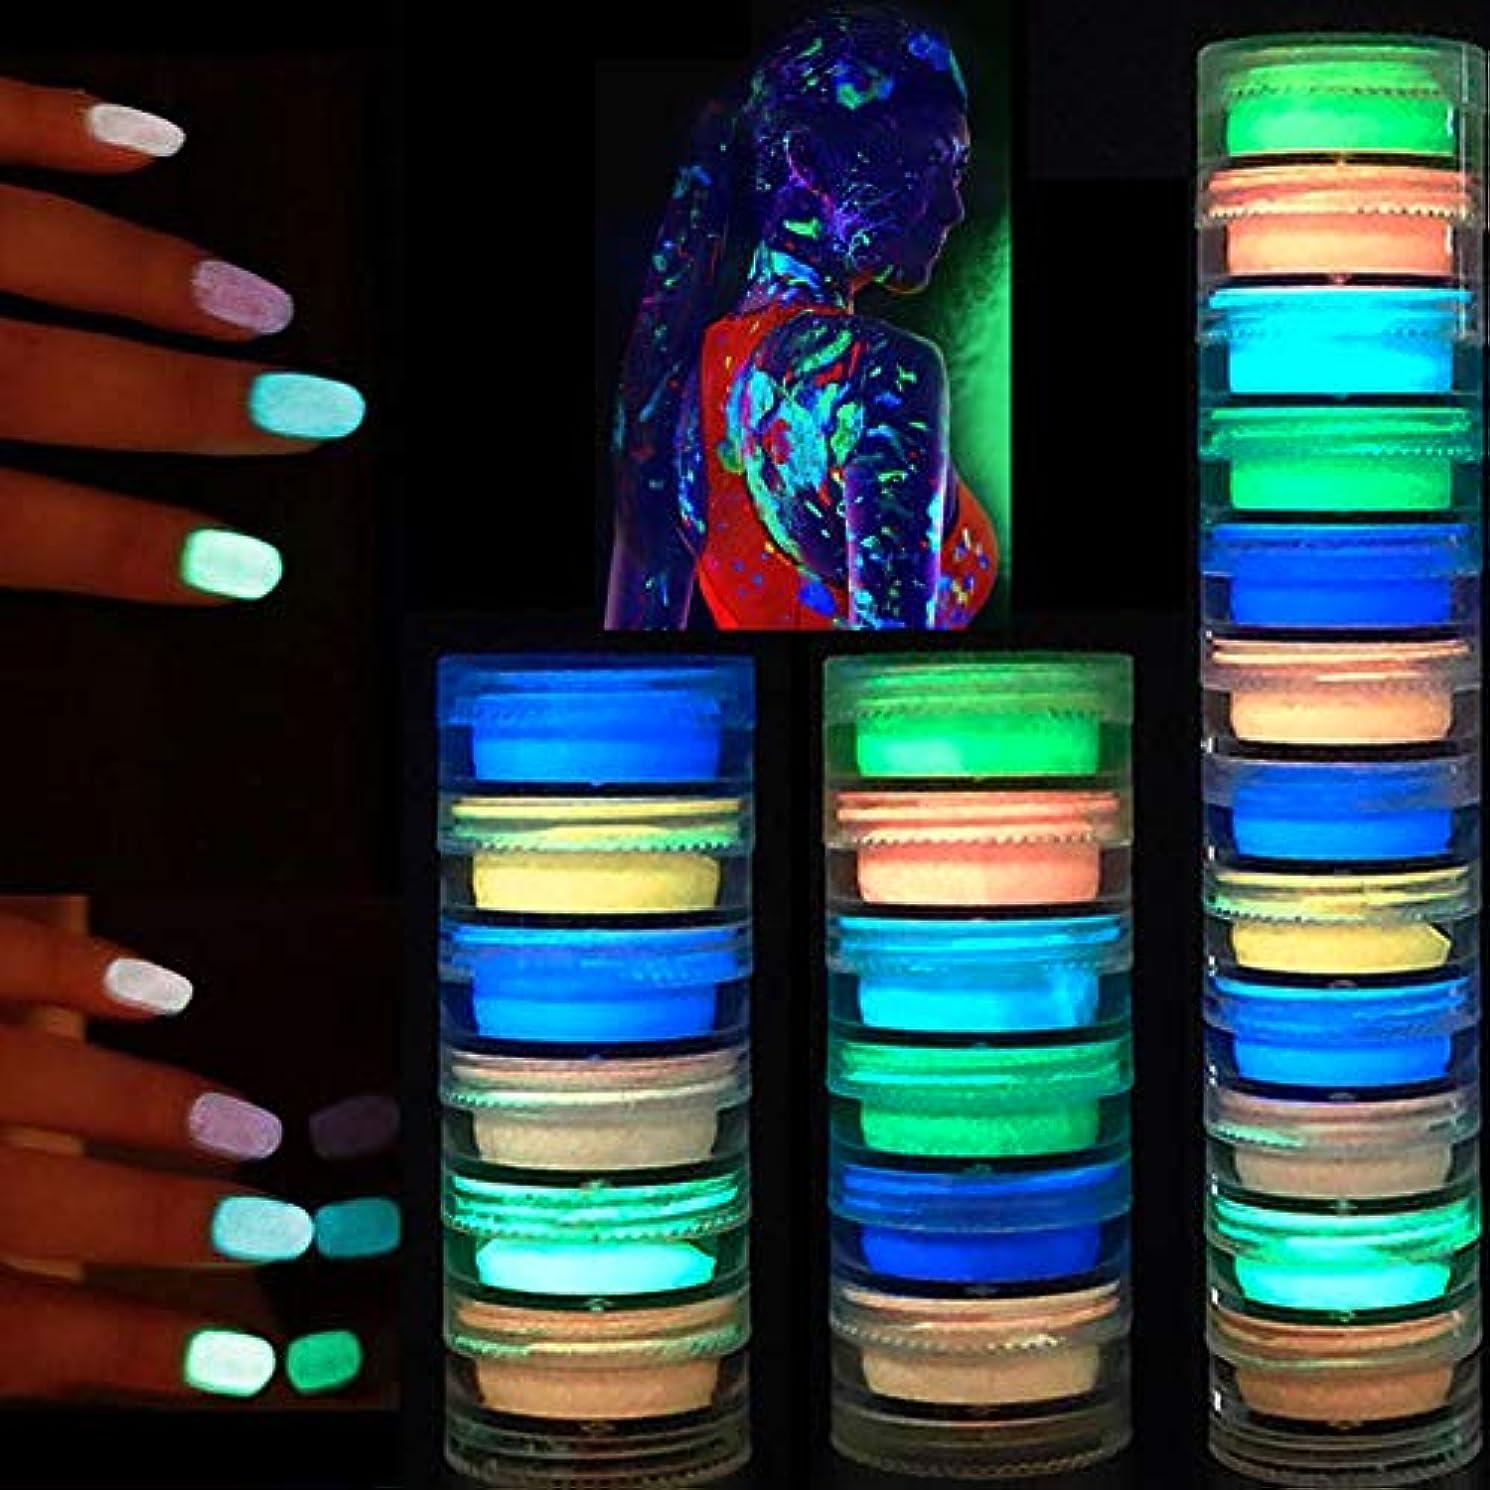 なかなかバージンラックMurakush 12色蛍光ネイルグリッターパウダーライトルミナスウルトラファイングローイングピグメントネオンネイルパウダー